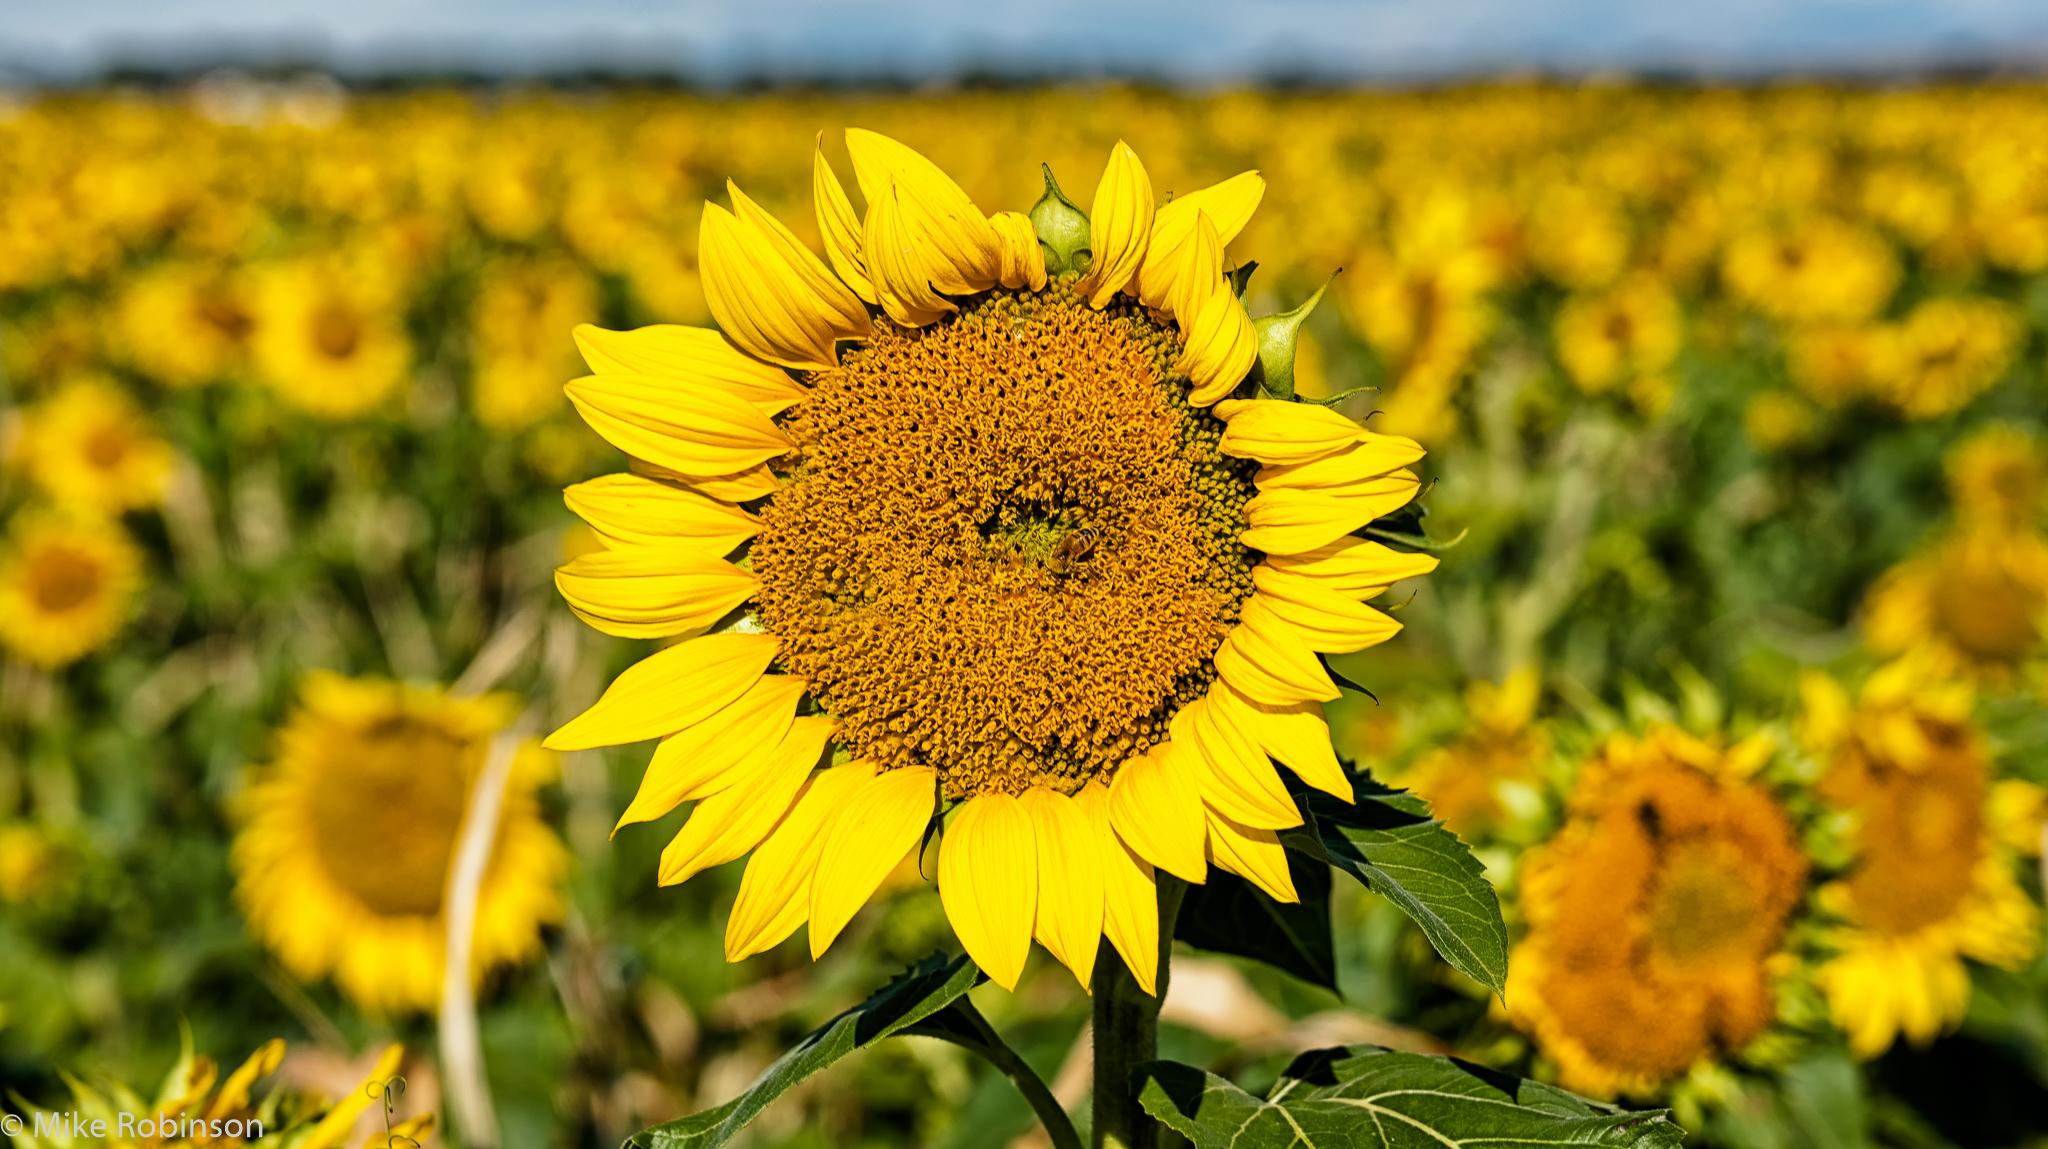 2048 x 1149 jpeg 1690kBSunflower